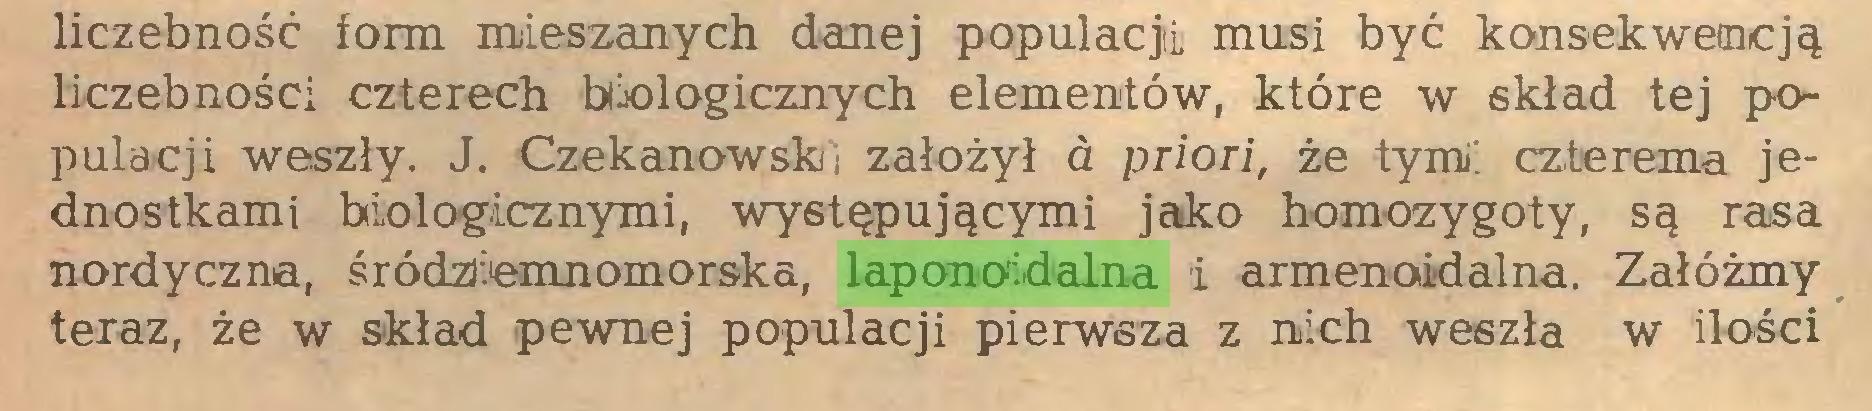 (...) liczebność form mieszanych danej populacji! musi być konsekwencją liczebności czterech biologicznych elementów, które w skład tej populacji weszły. J. Czekanowsk i założył a priori, że tymi czterema jednostkami biologicznymi, występującymi jako homozygoty, są rasa nordyczna, śródziemnomorska, laponoidalna i armenoidalna. Załóżmy teraz, że w skład pewnej populacji pierwsza z nich weszła w ilości...